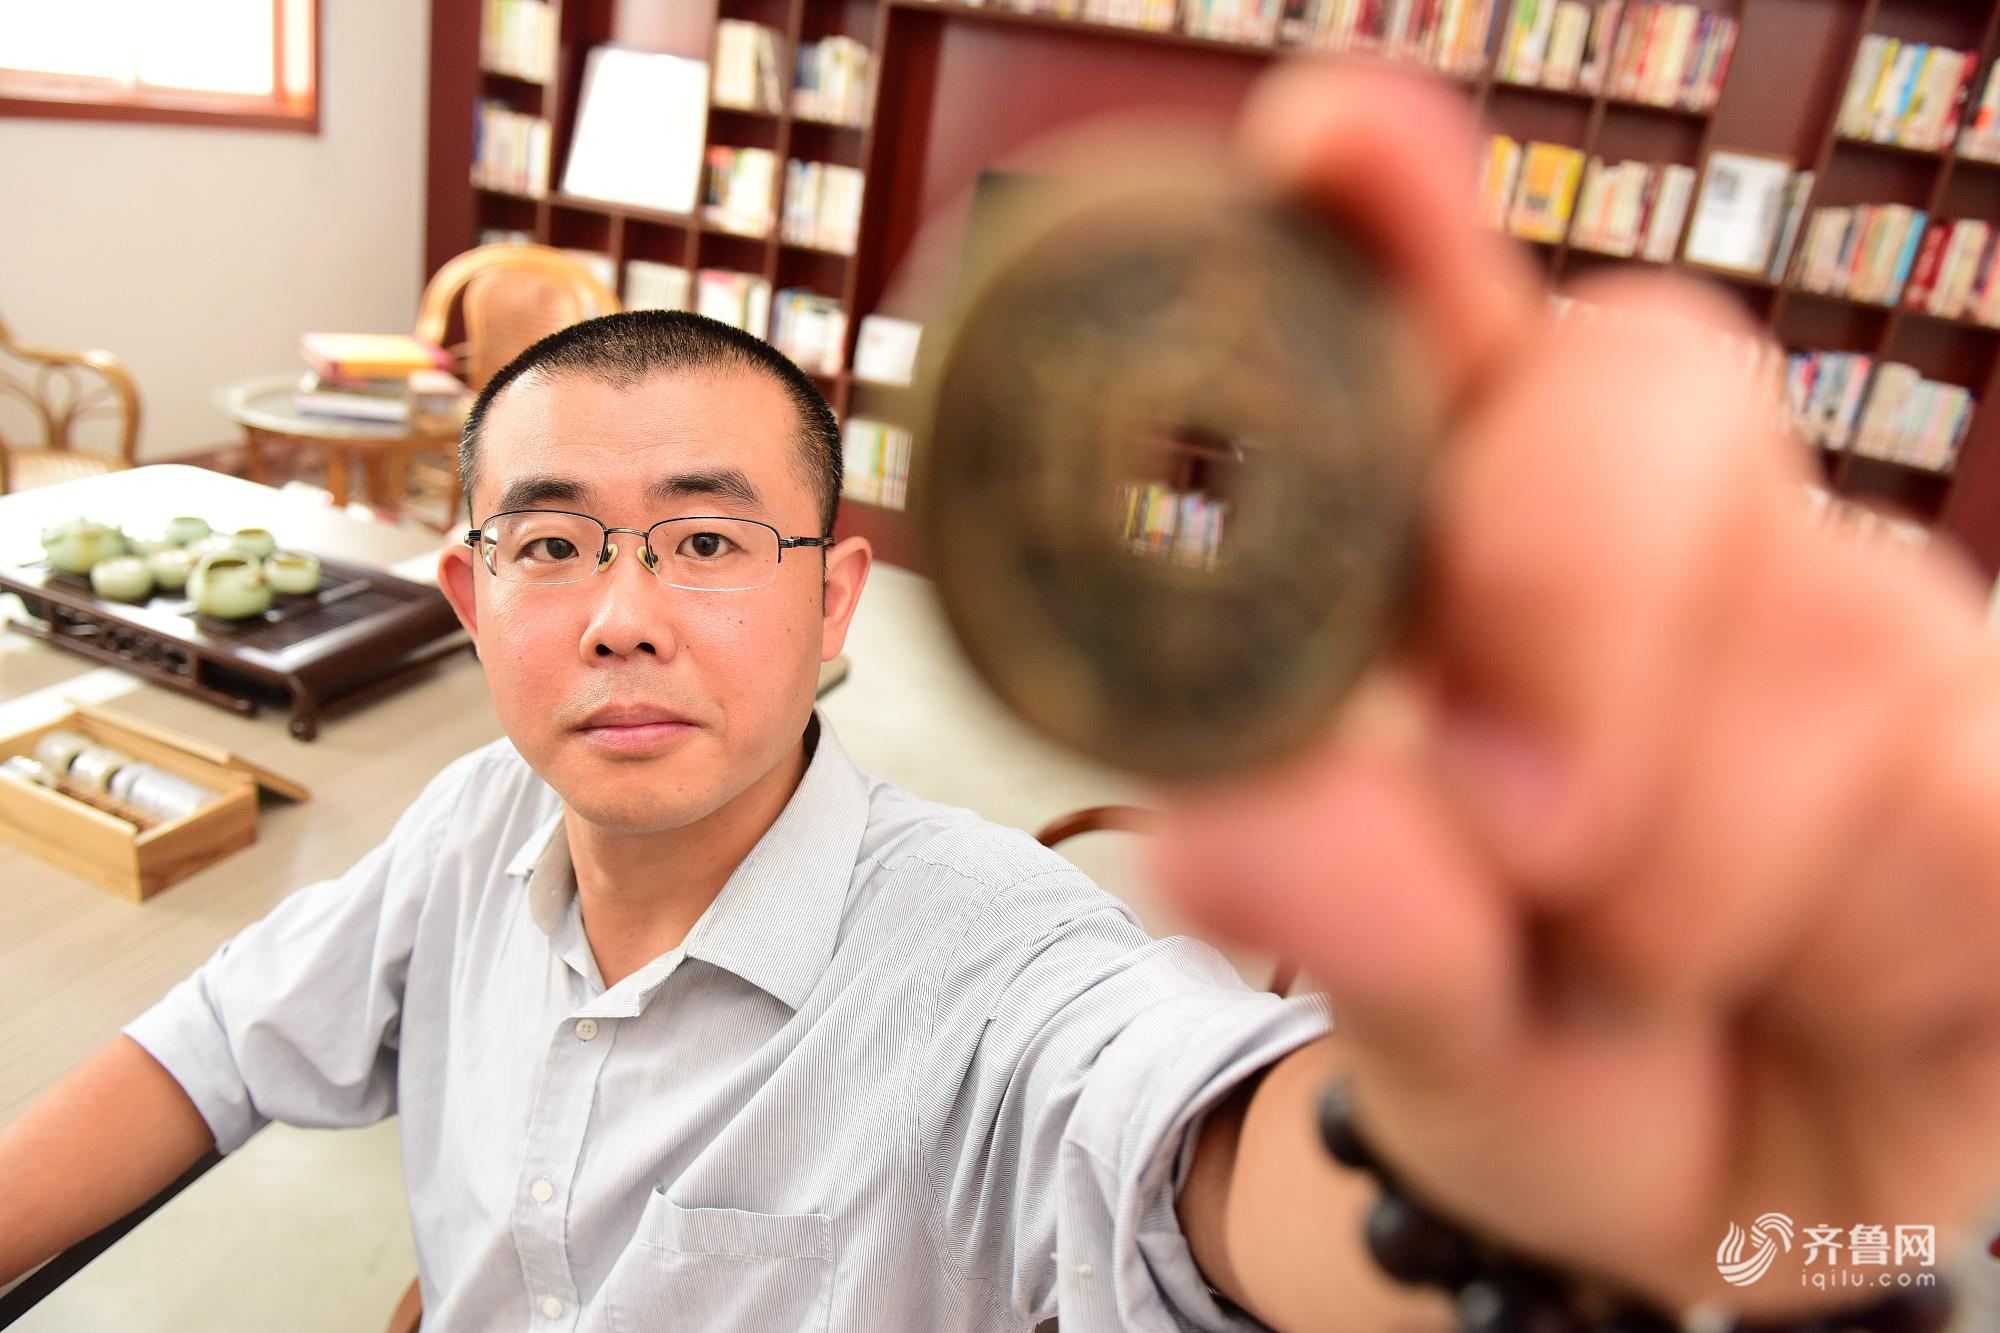 山东男子历时14年收藏万枚古钱币 如今自建古钱博物馆